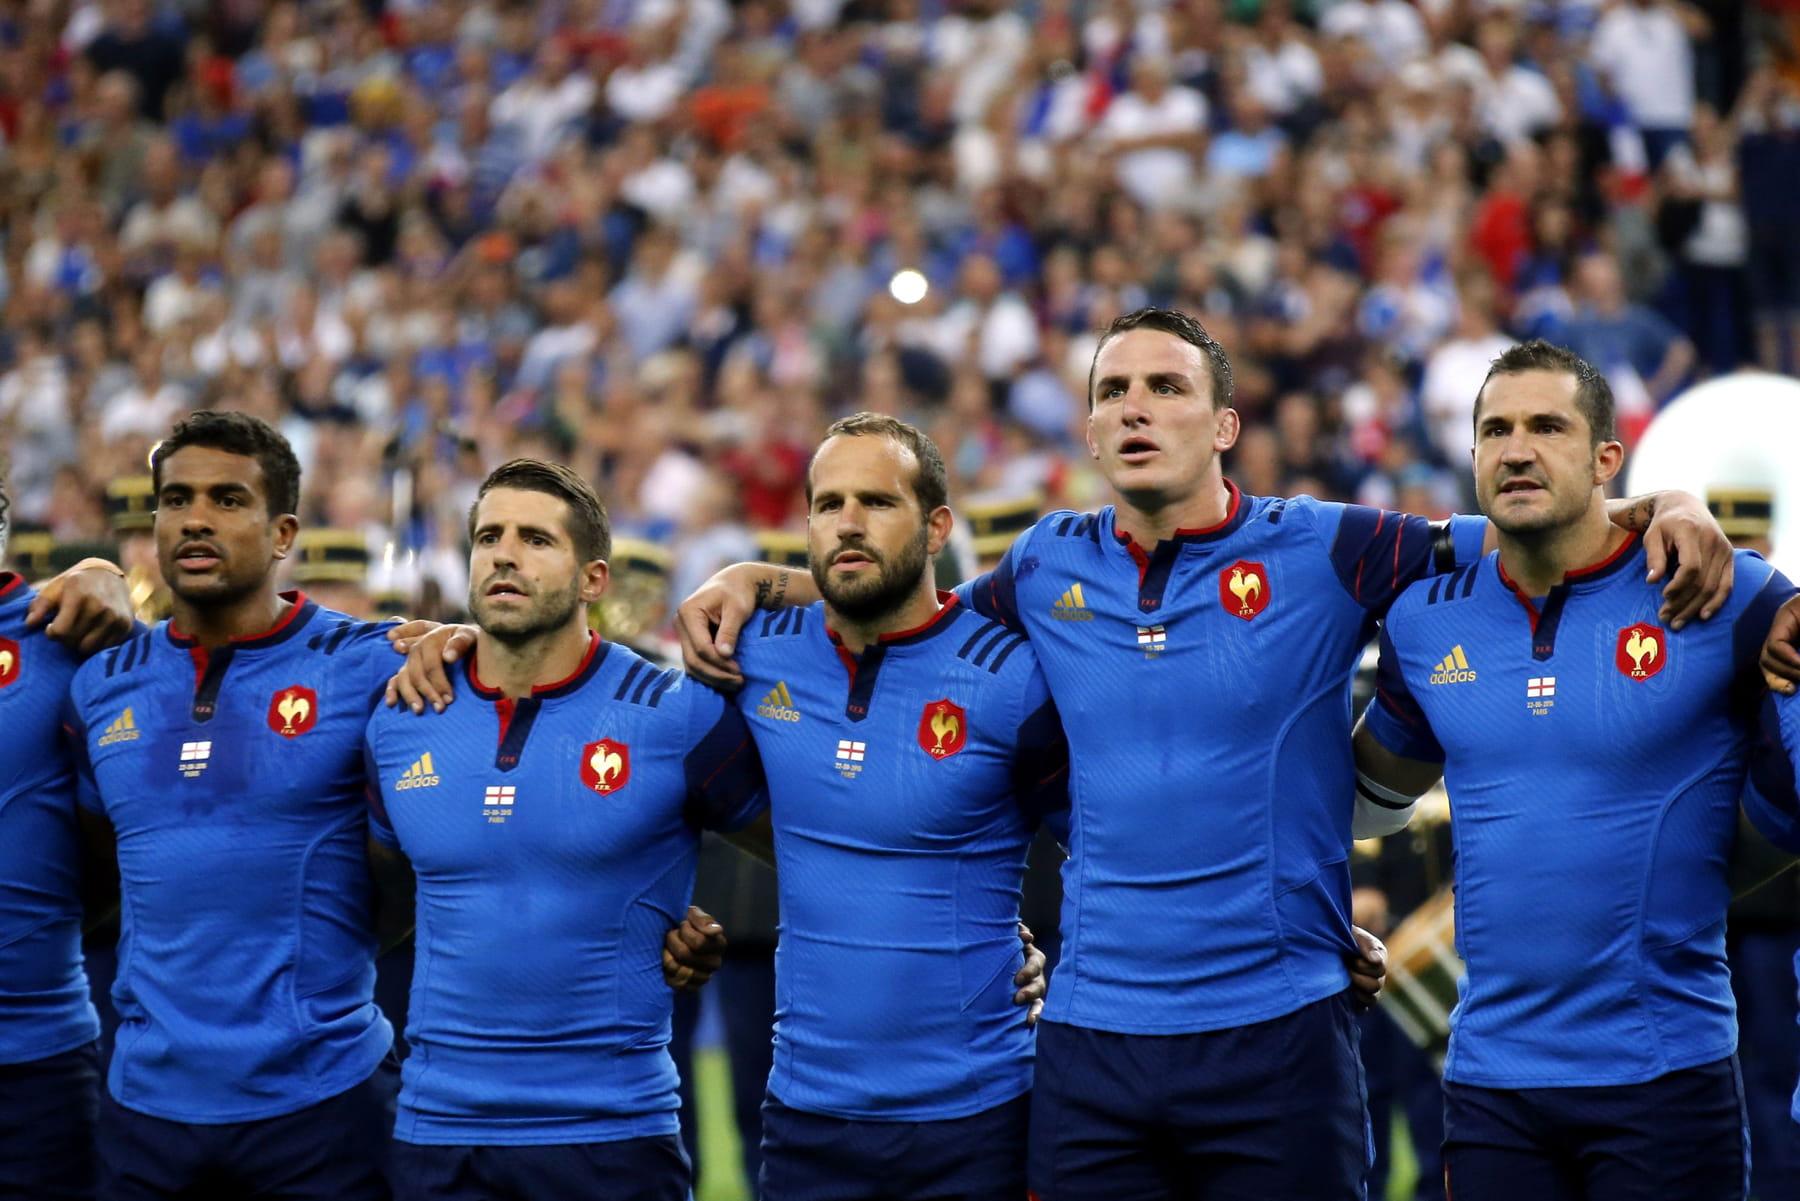 Coupe du monde de rugby 2015 j 1 pour les bleus calendrier programme dates infos du - Rugby programme coupe du monde ...